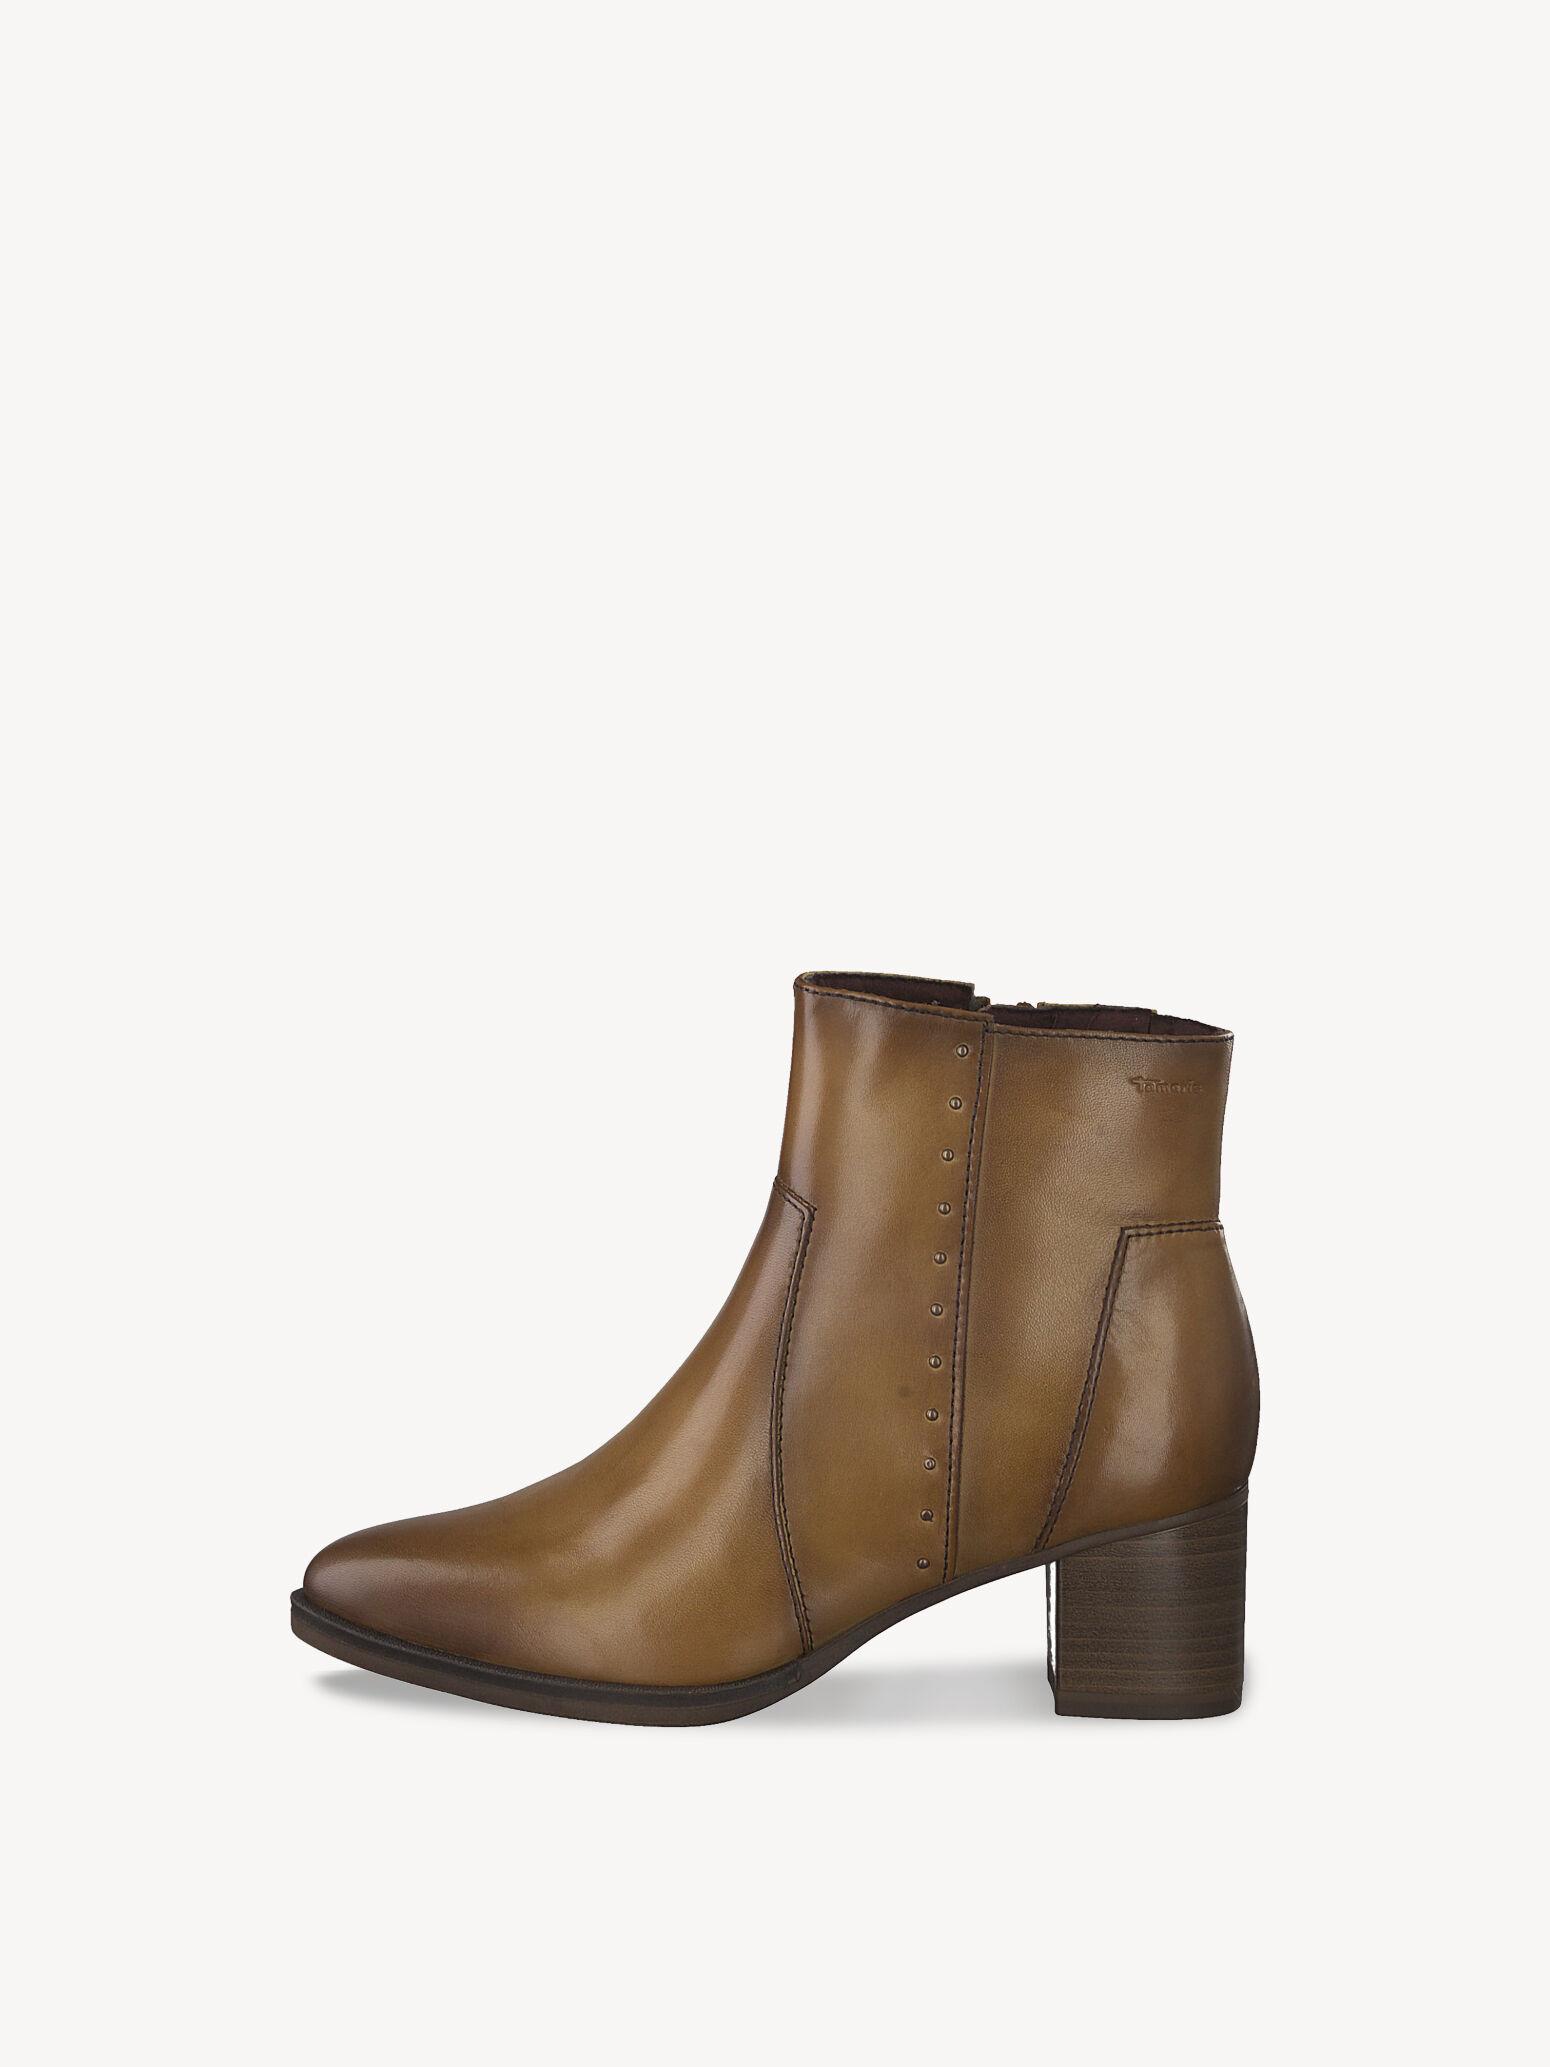 Buy Tamaris Boots online now!